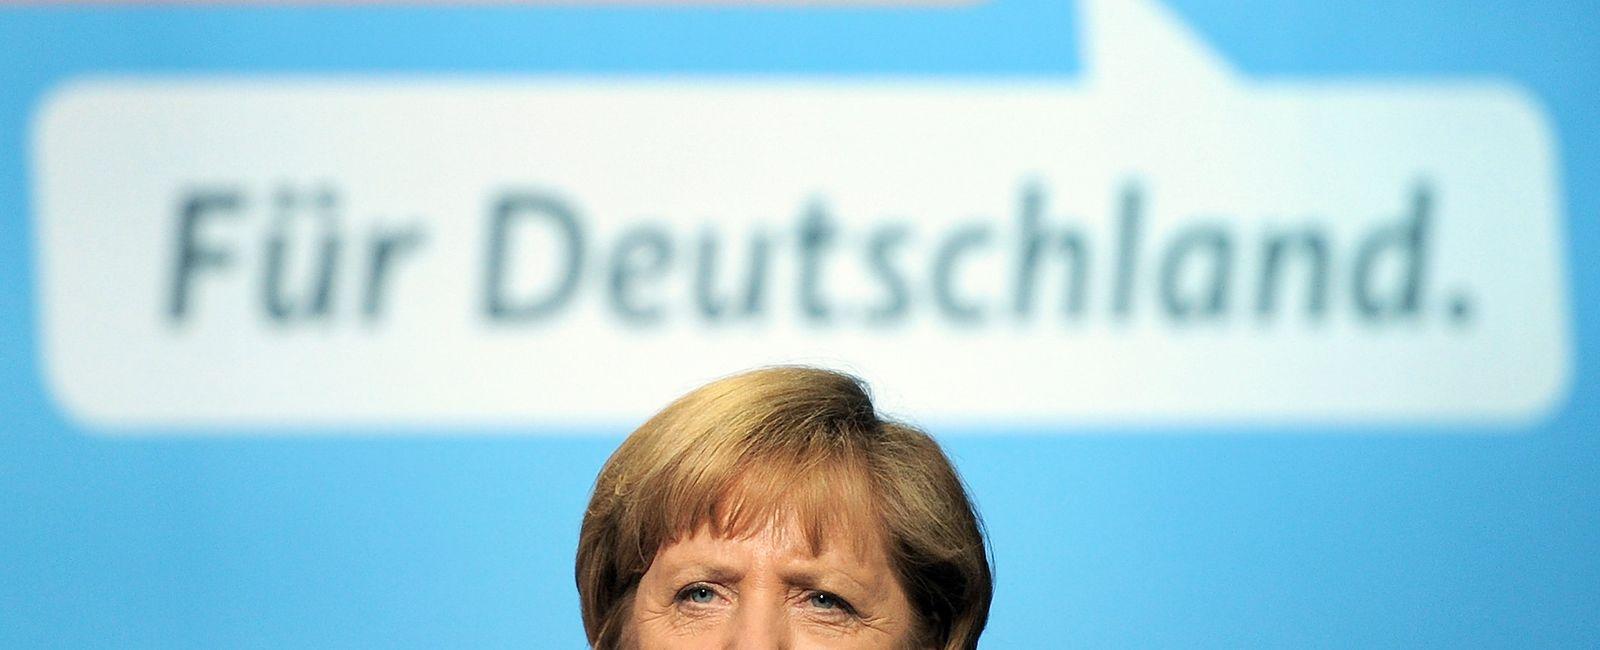 Wahlkampf der CDU mit Merkel